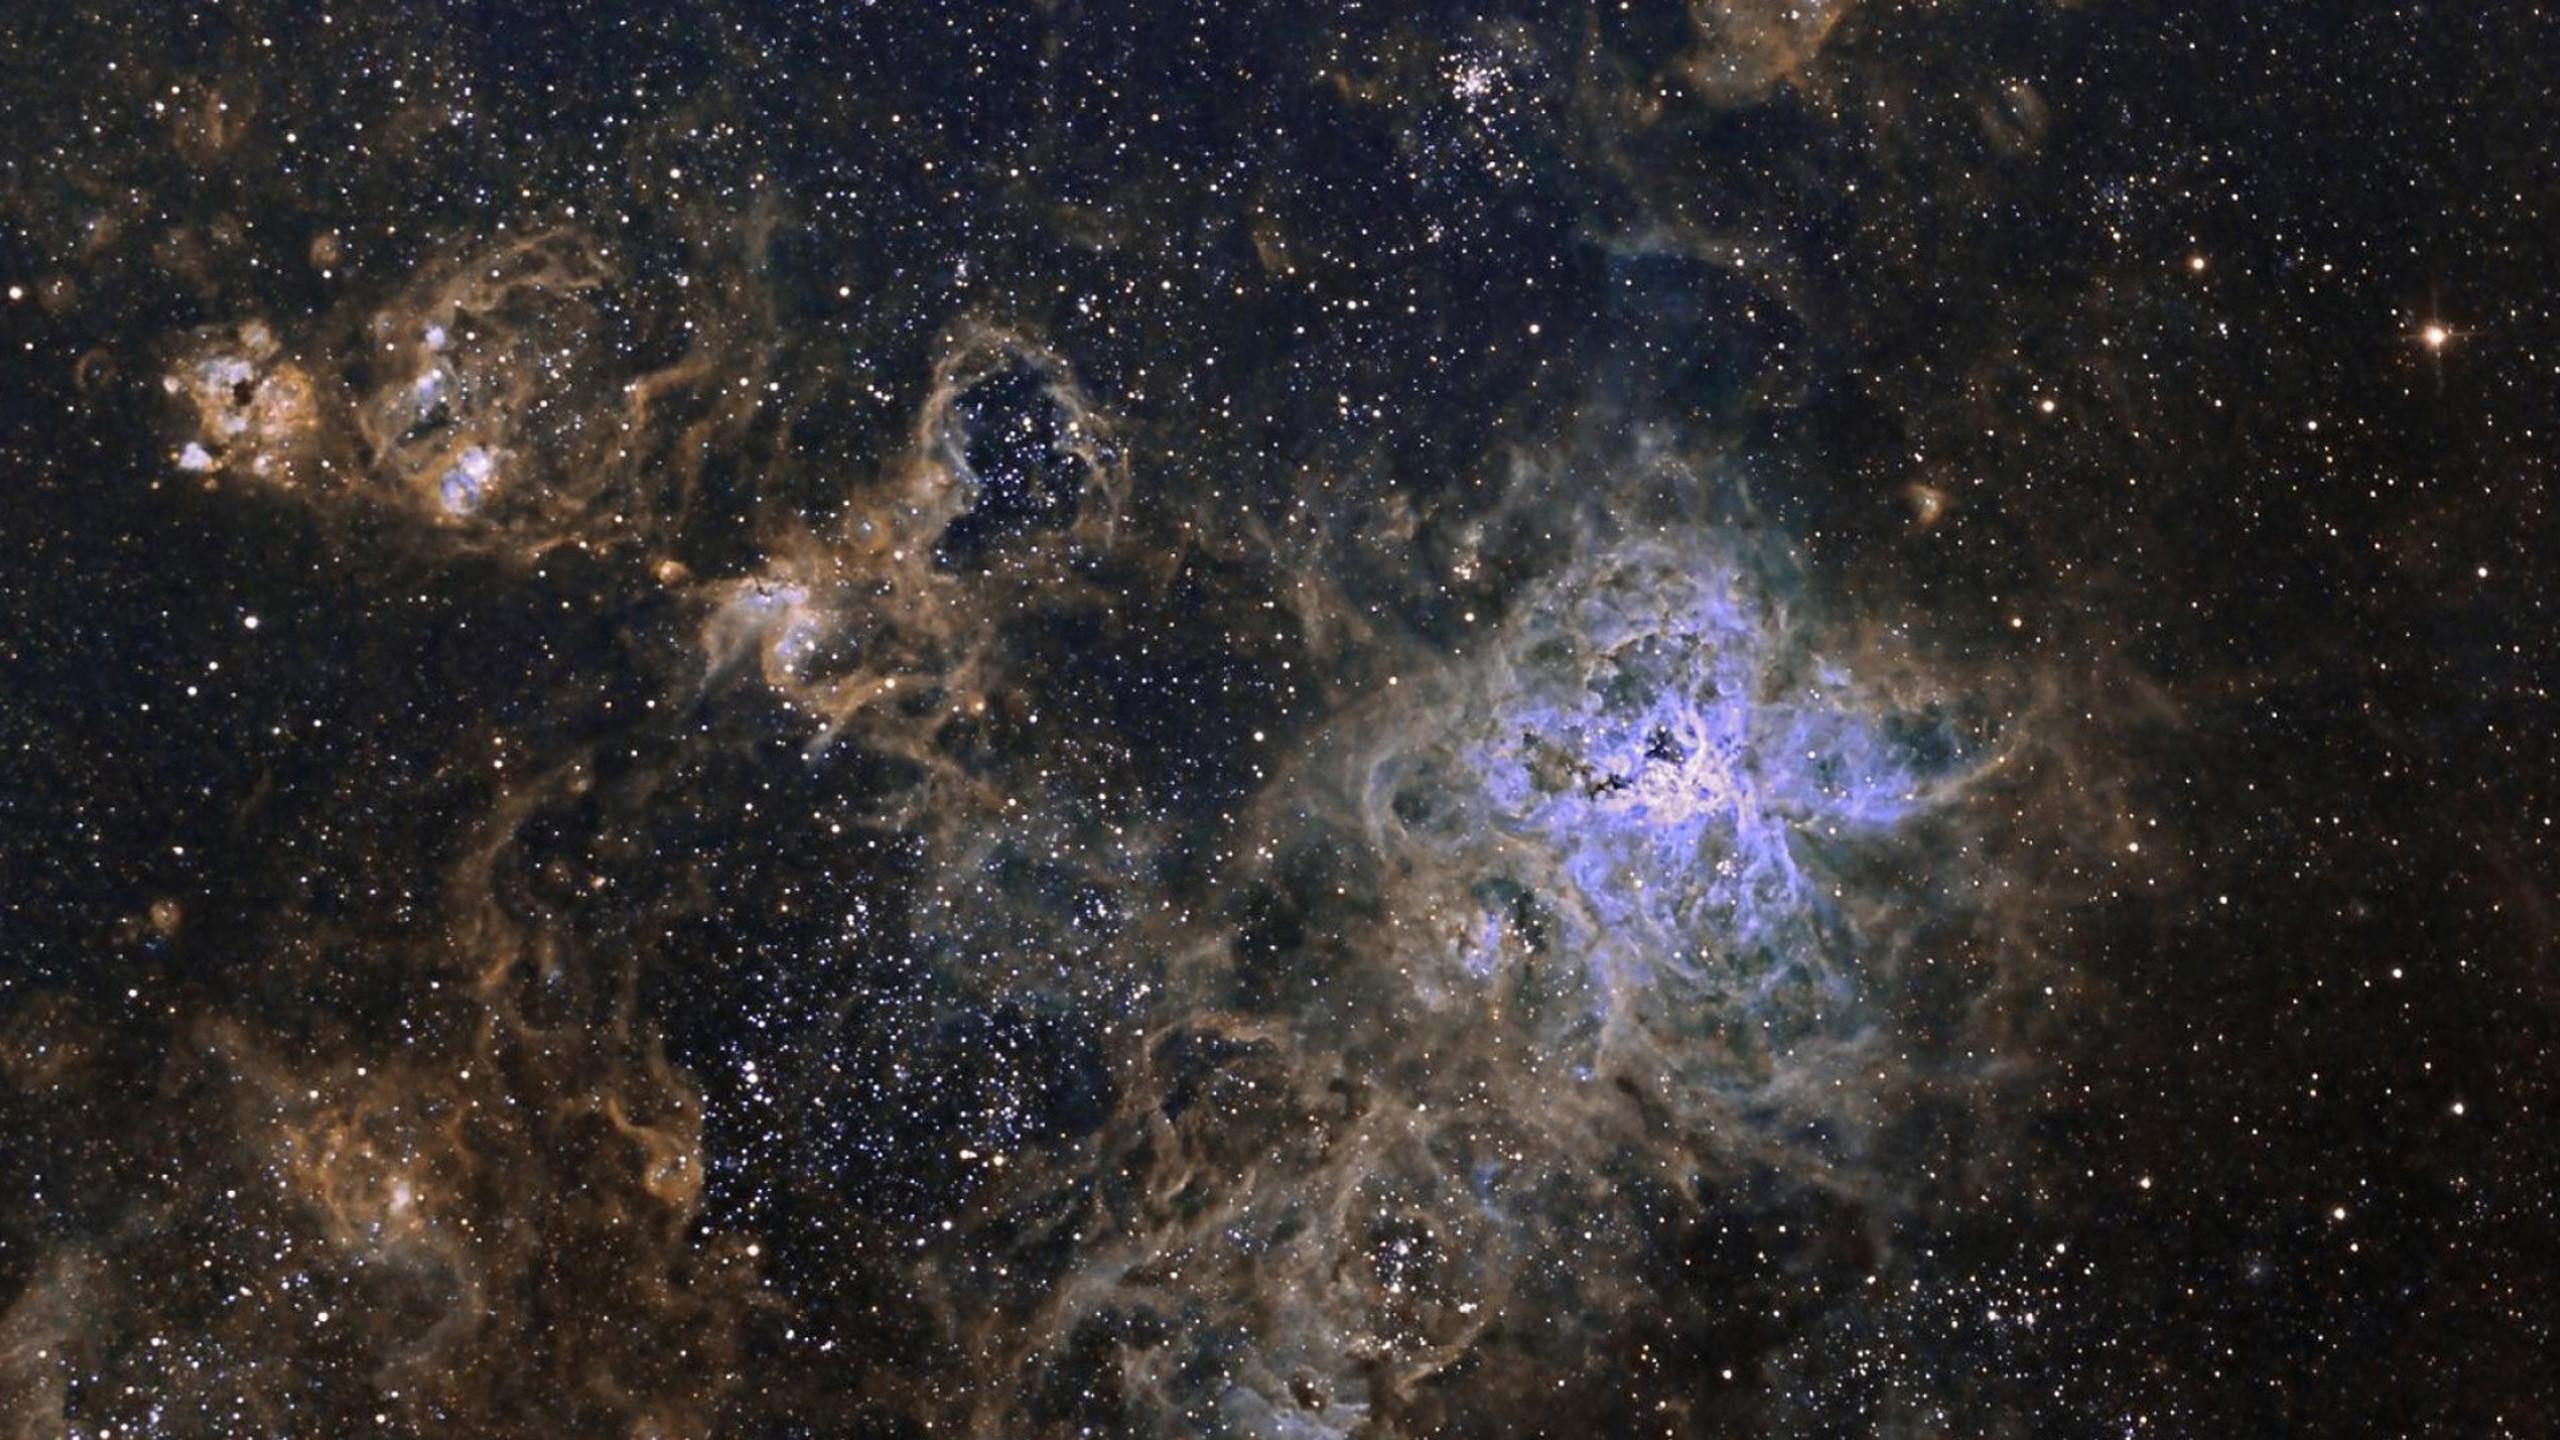 Hubble space wallpaper 06 2560×1440.jpg (2560×1440)